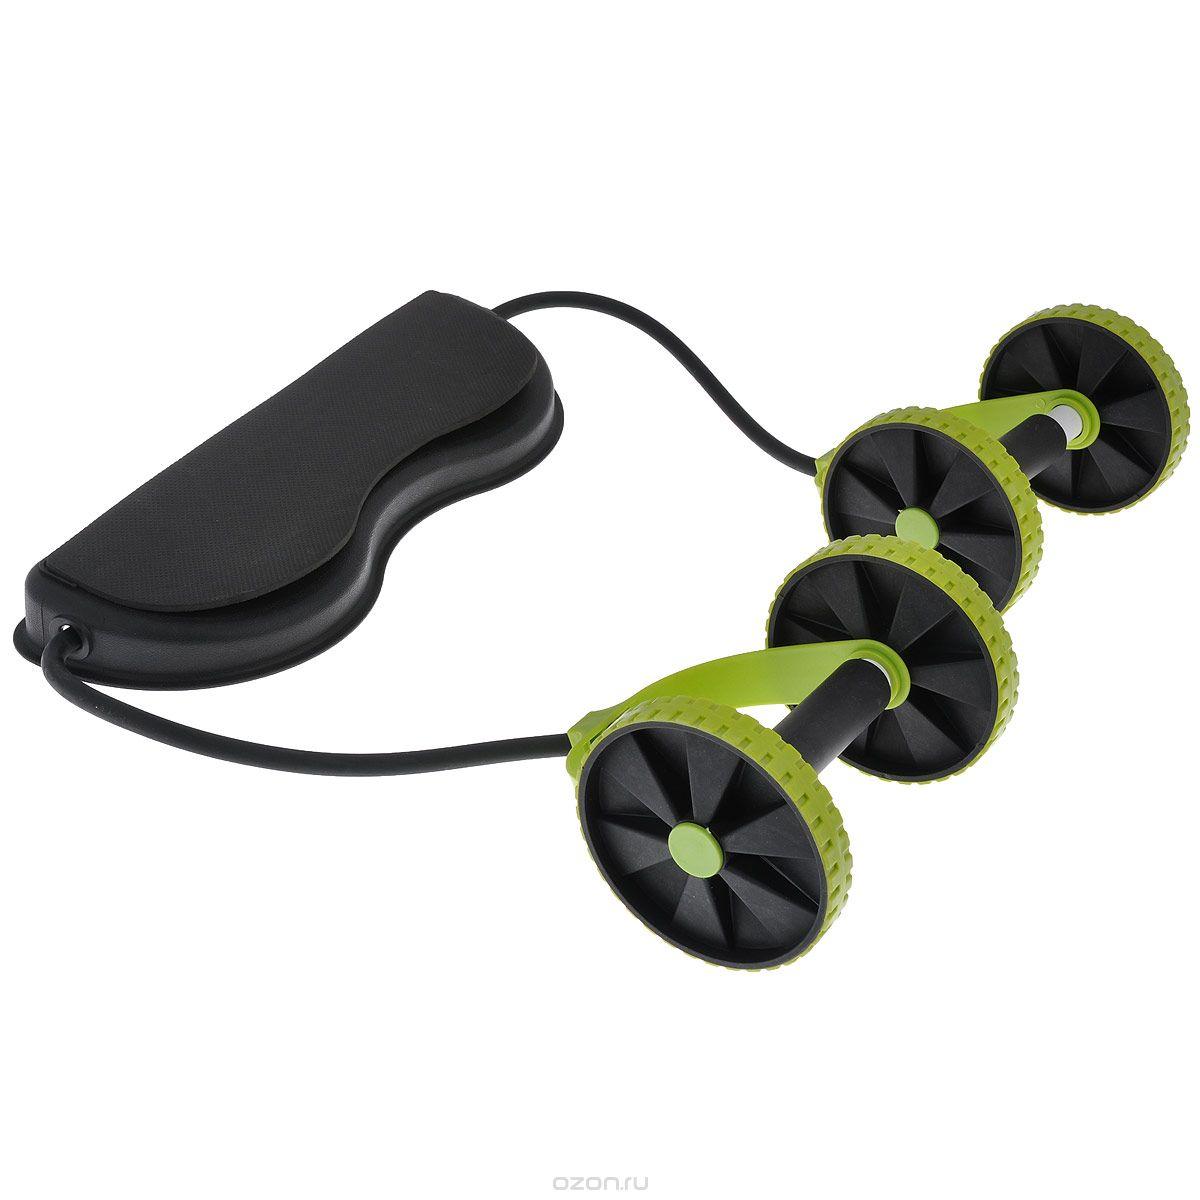 Купить резиновые петли для тренировок - Магазин WORKOUT